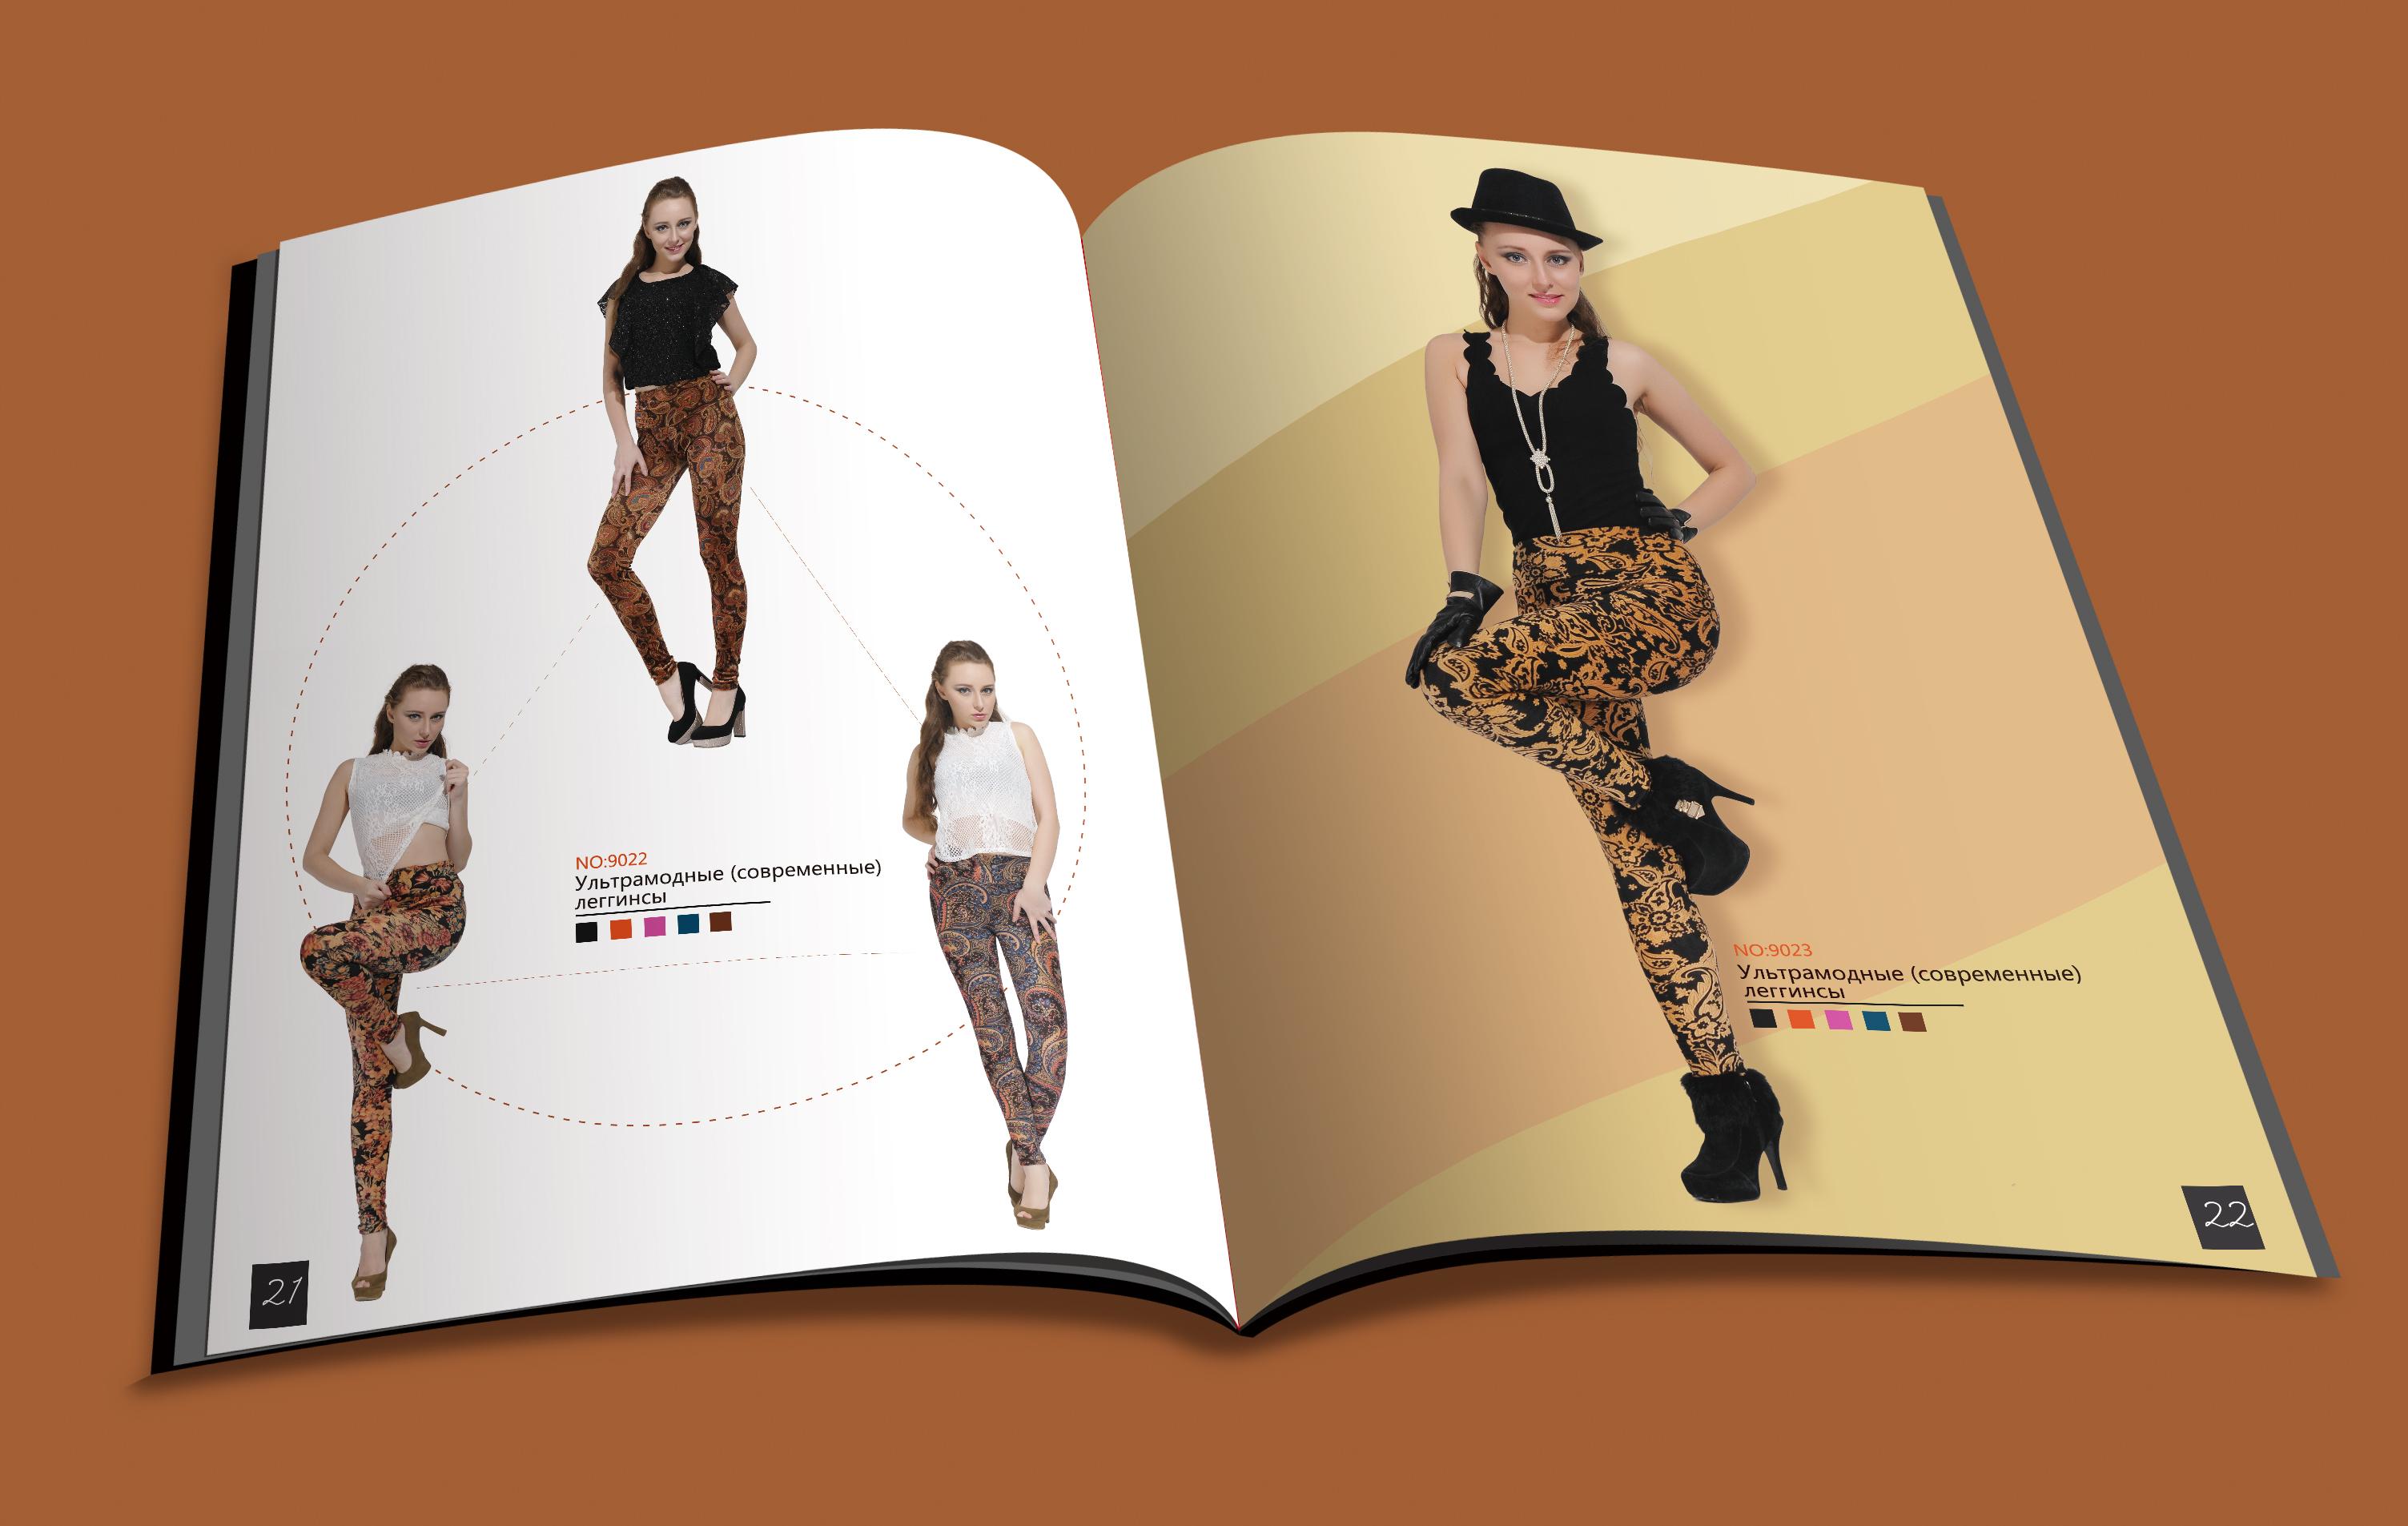 服装画册设计有什么好的网站可以欣赏的图片